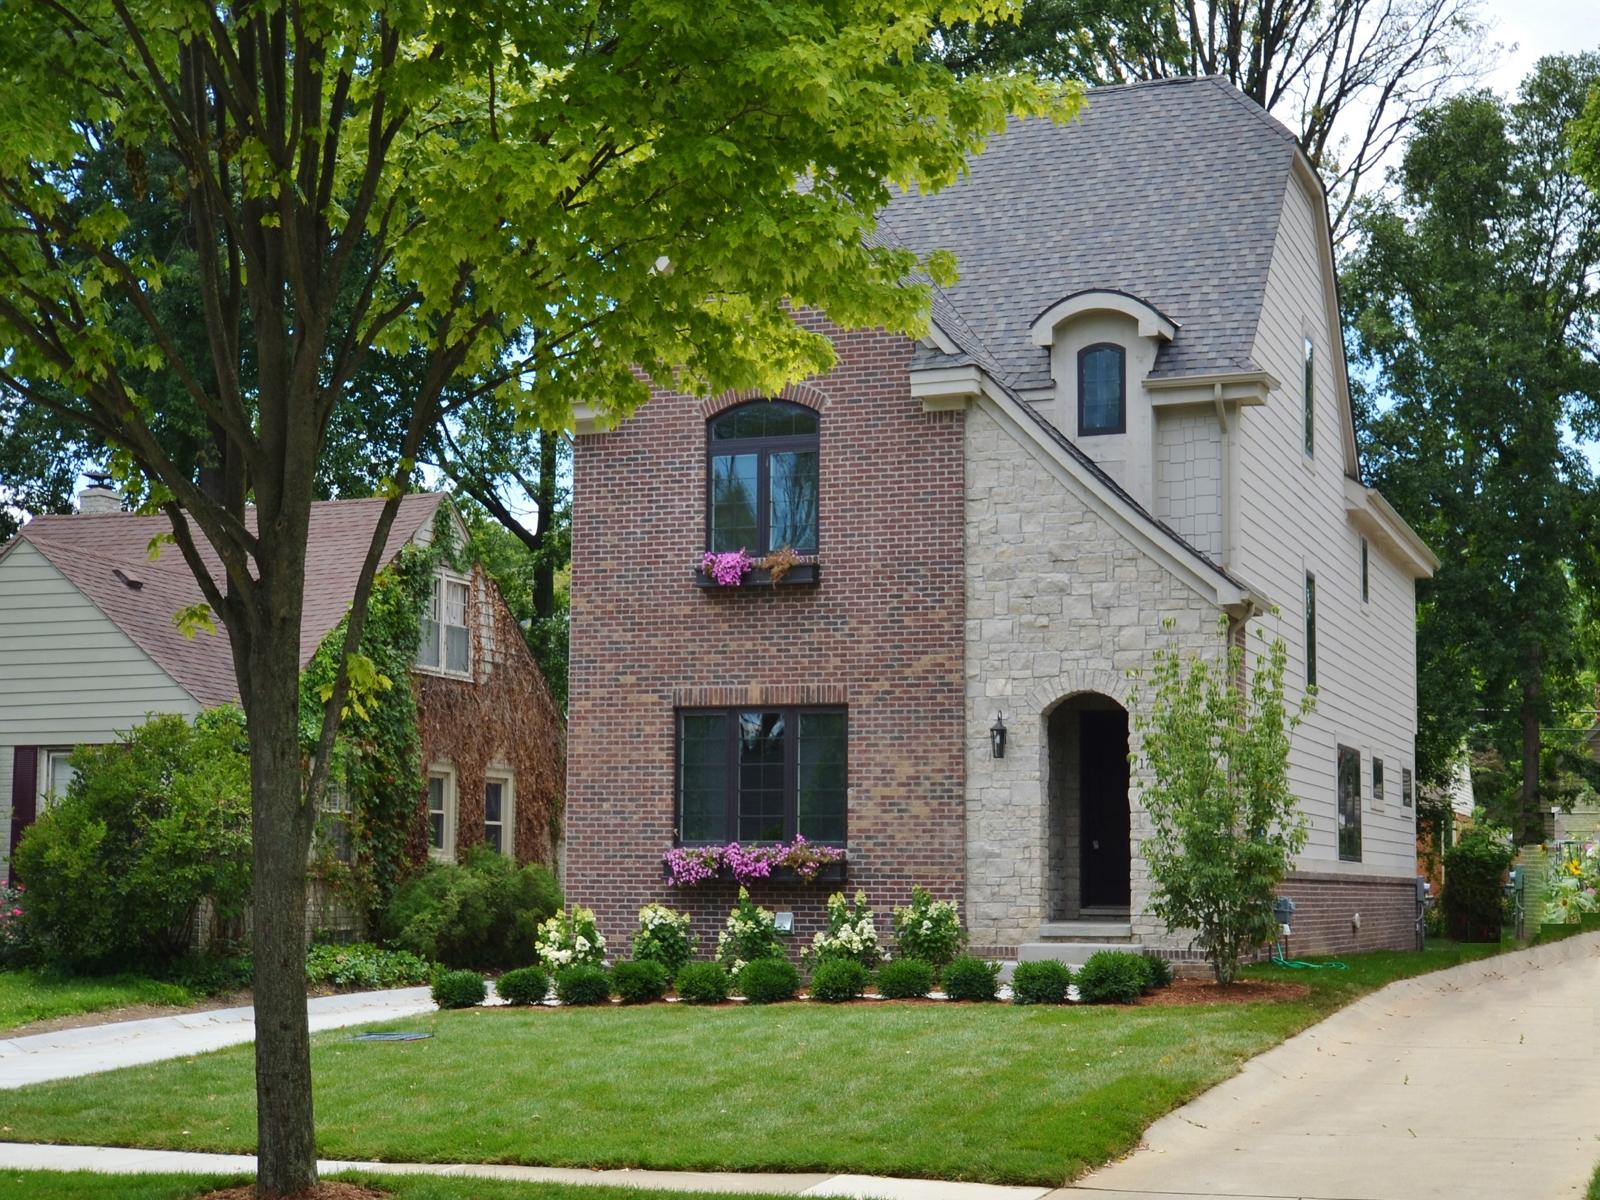 Maison unifamiliale pour l Vente à Birmingham 1786 S Bates Street Birmingham, Michigan 48009 États-Unis